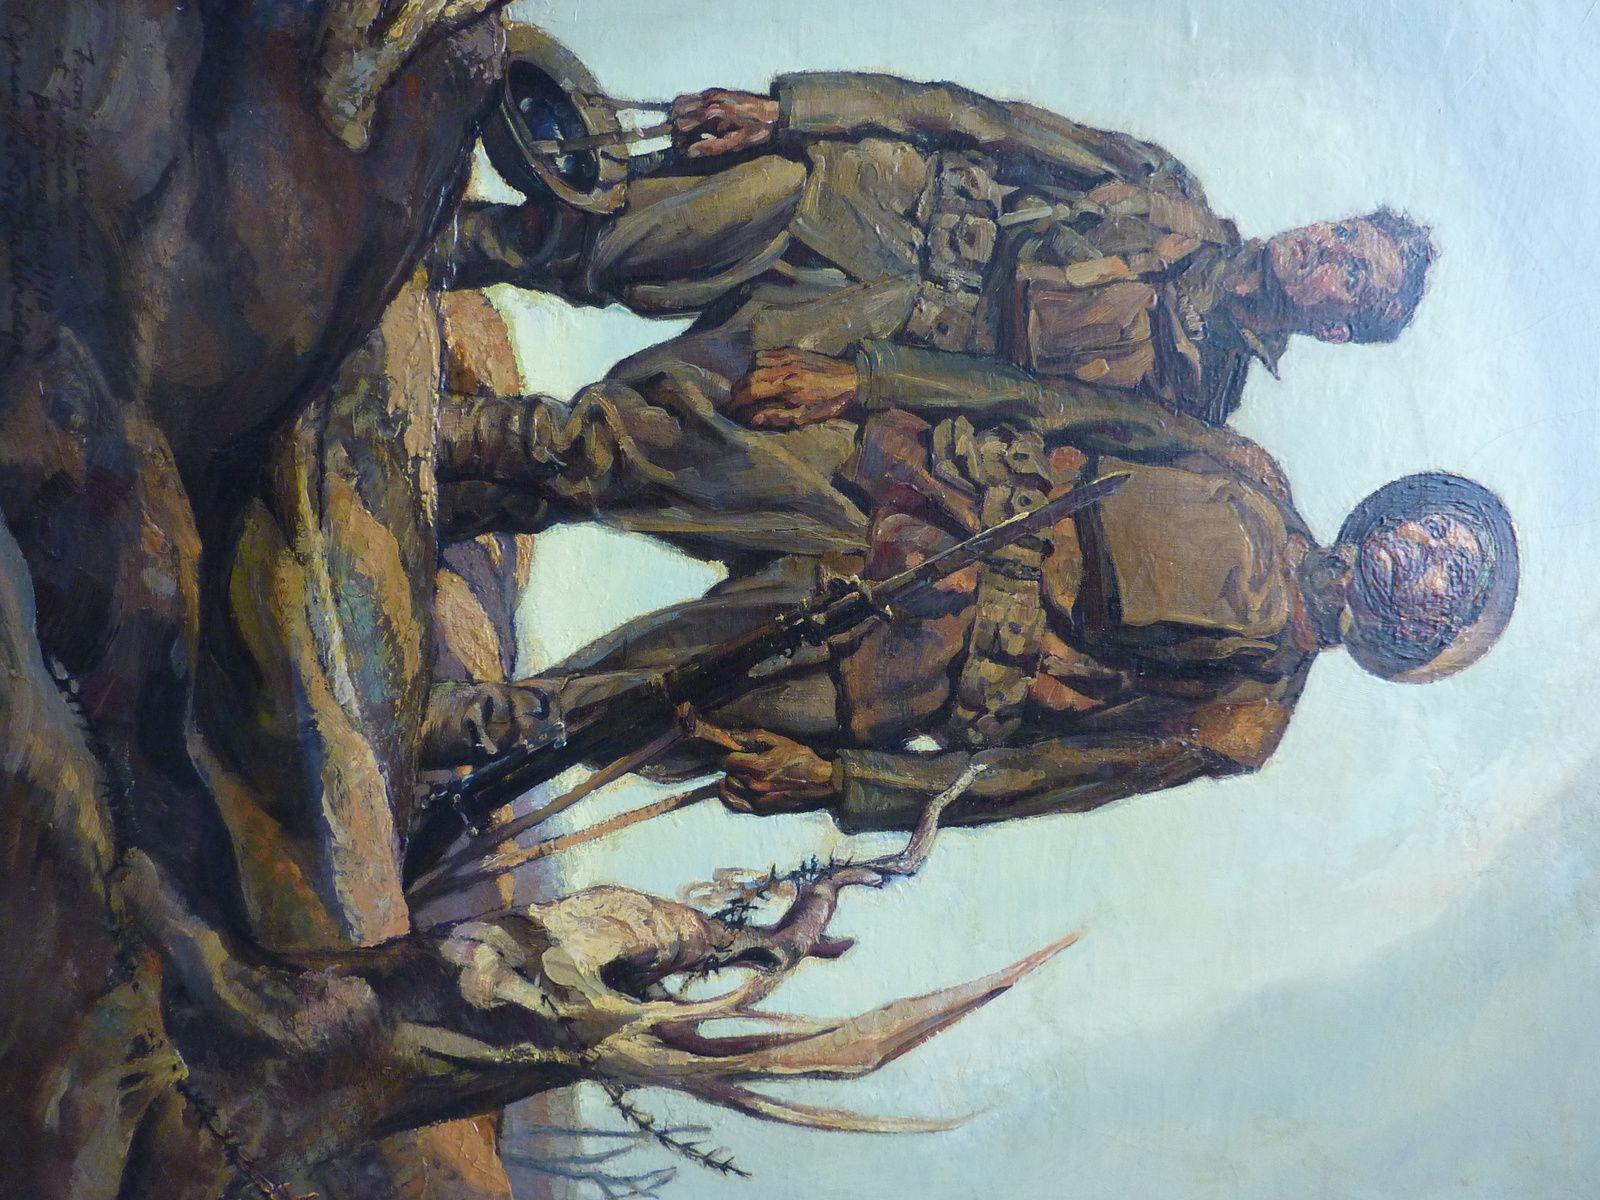 Cyrus Le Roy Baldrige (1889-1977), artiste, illustrateur, auteur et aventurier américain. Soldats américains sur le front de Belgique. Musée franco-américain du château de Blérancourt, Aisne, France.